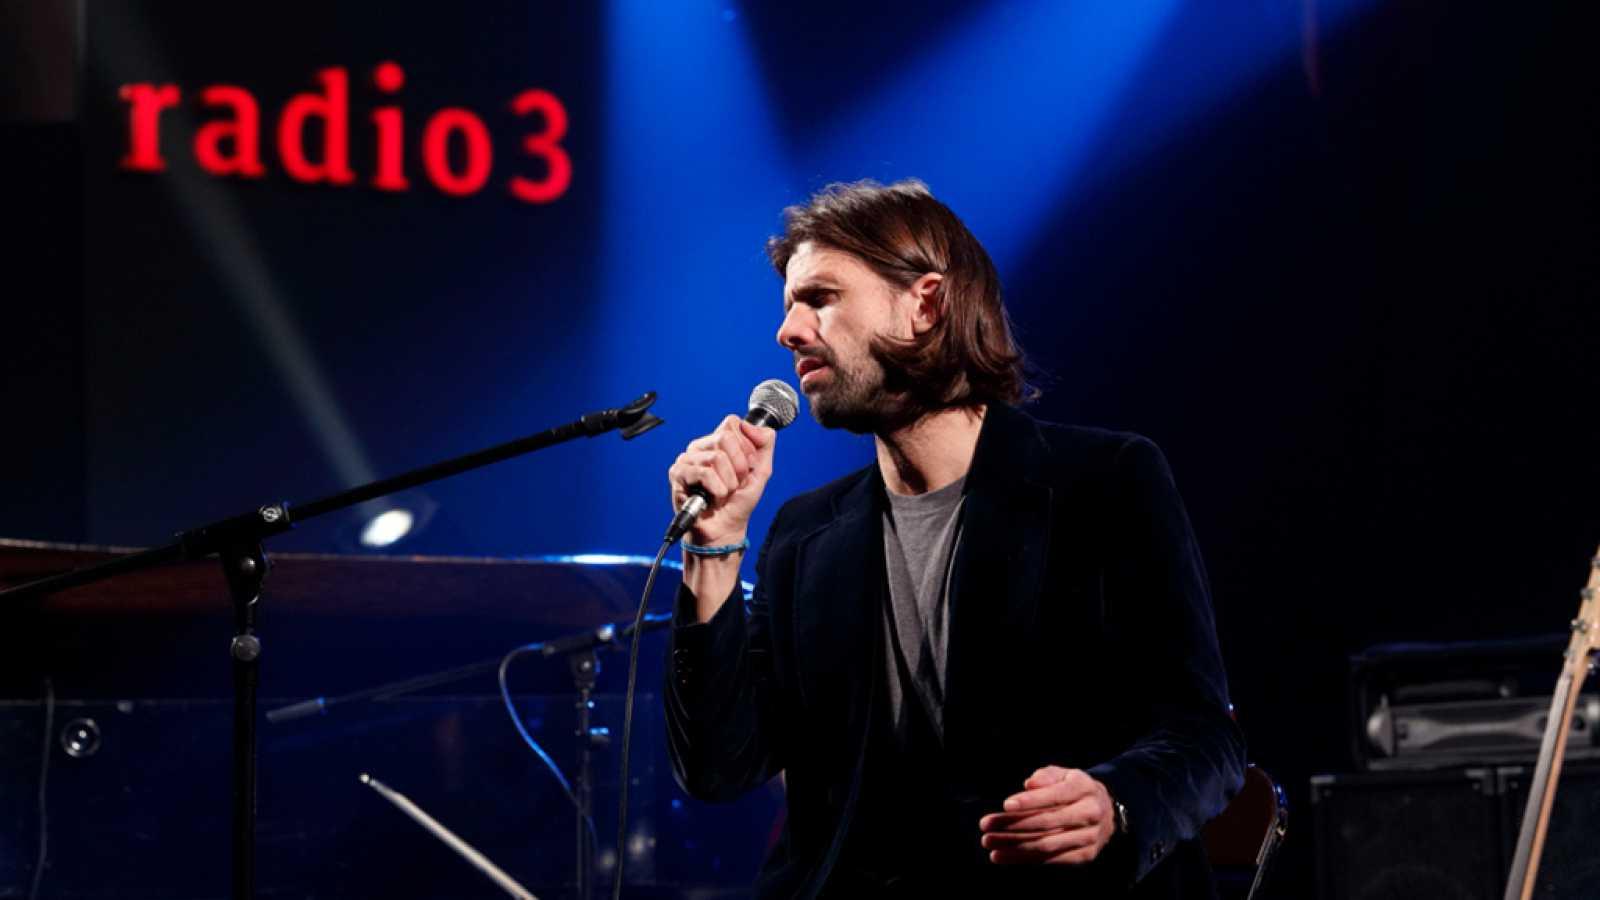 Los conciertos de Radio 3 - Patricio - ver ahora